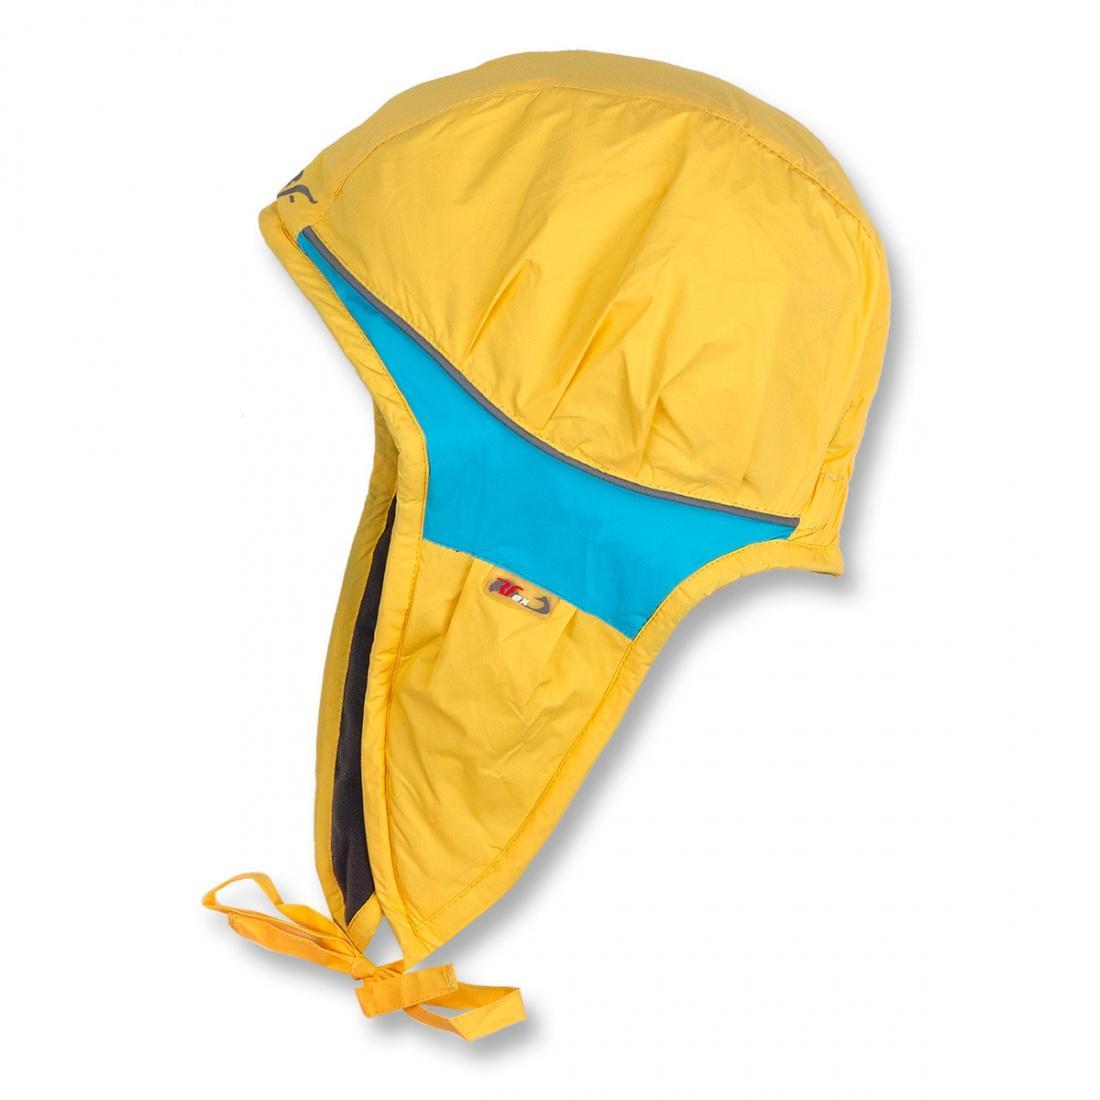 Шапка детская TressУшанки<br><br> Яркая контрастная шапочка прекрасно выделяет ребенка из толпы.<br><br> <br><br><br><br> Основной материал – Dry Factor 1000.<br><br> <br><br><br> Утеплитель – Omniterm Classic.<br><br> <br><br><br> Для детей от 1 до...<br><br>Цвет: Бирюзовый<br>Размер: XXL